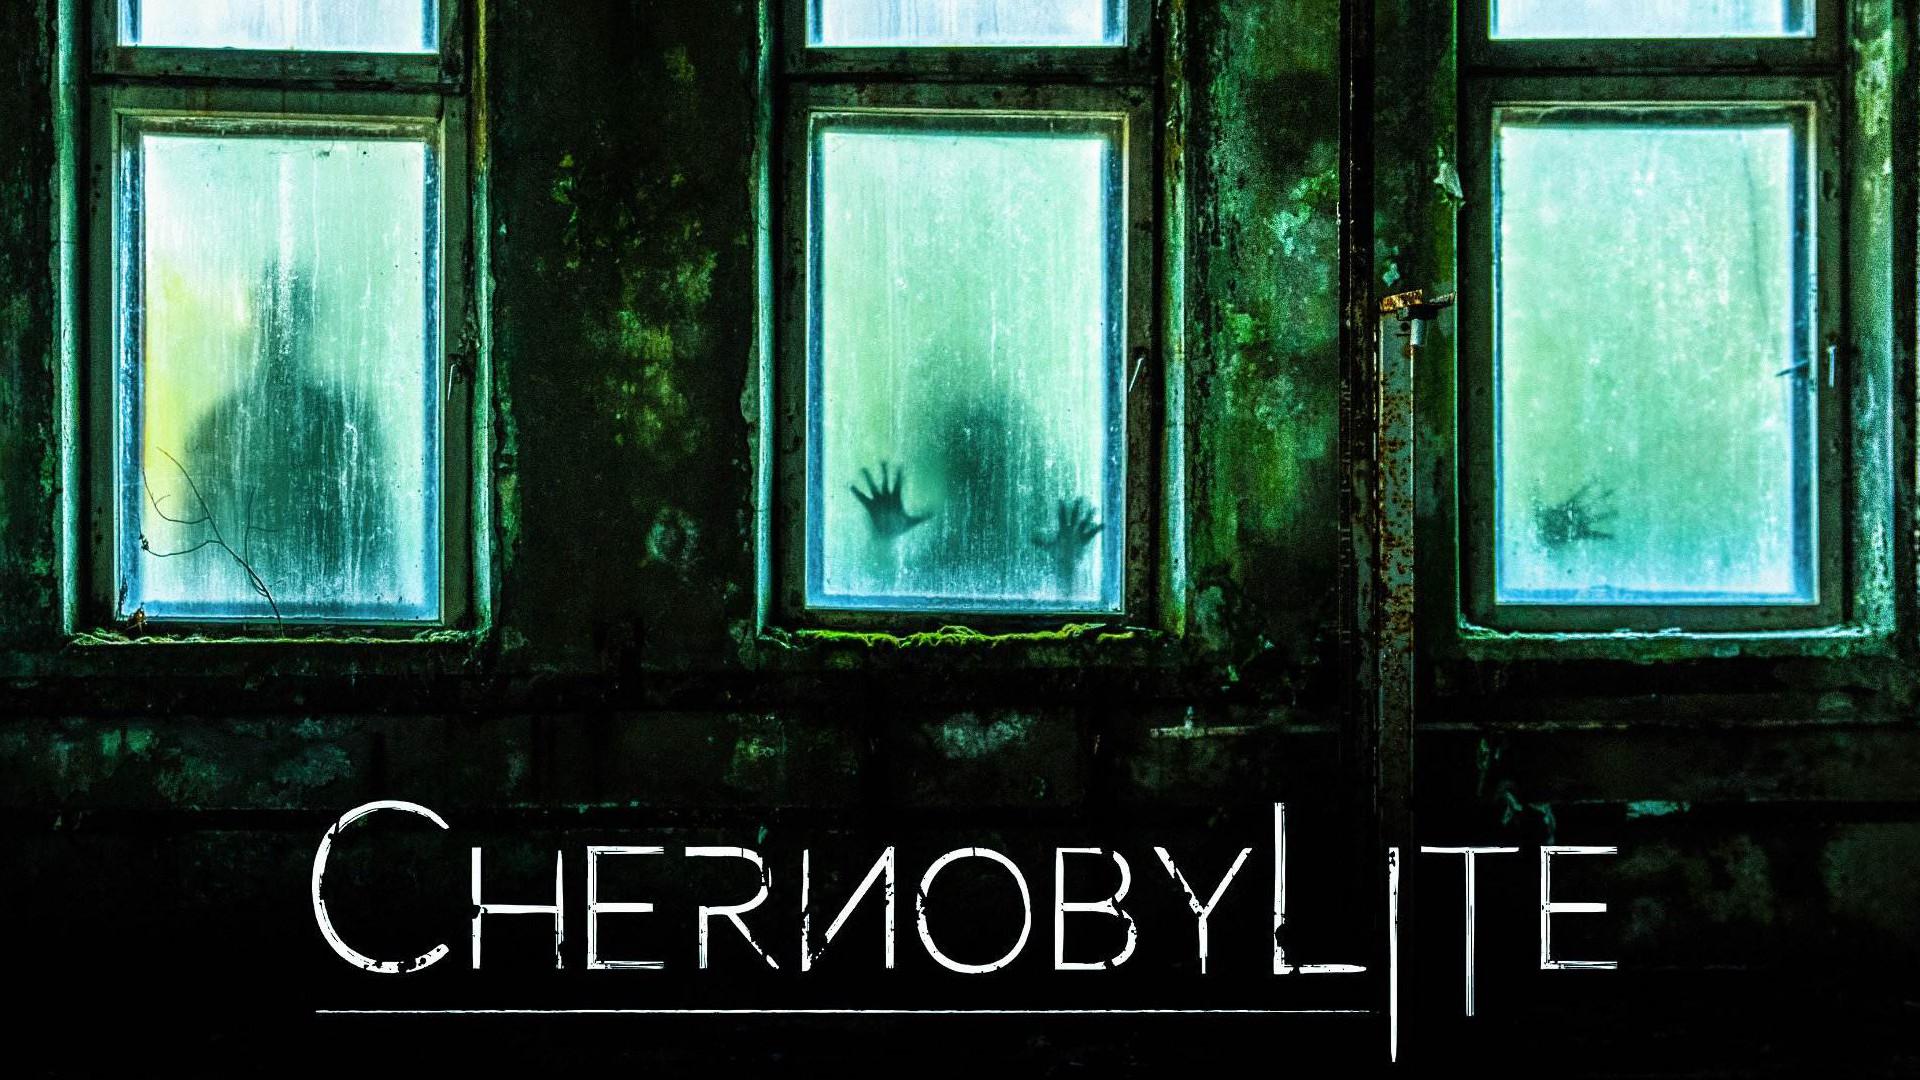 Chernobylite – 2